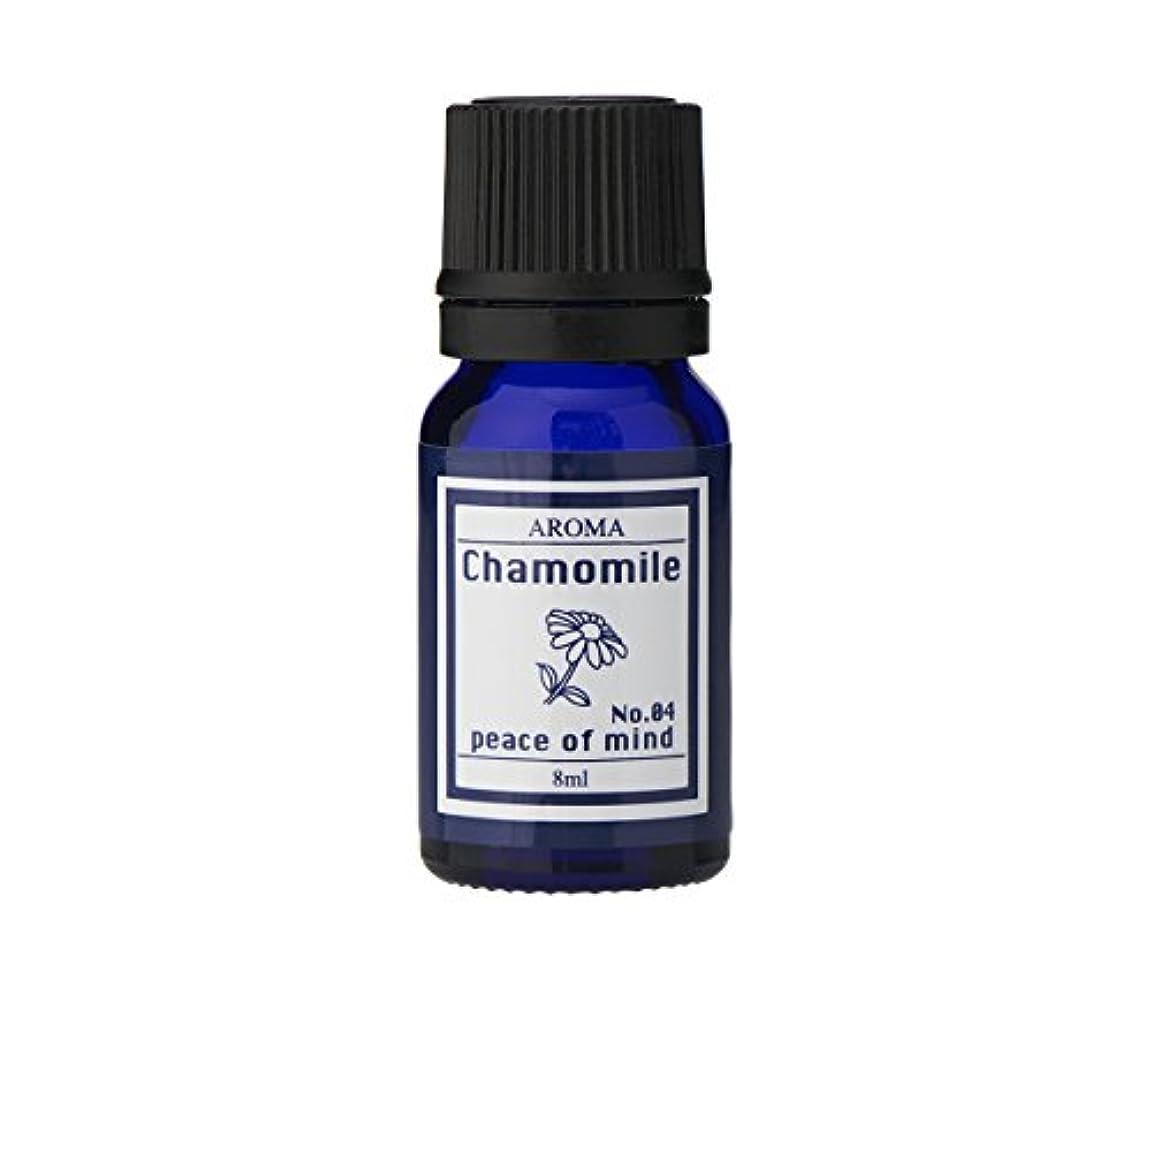 ぼろ移動するブルーラベル アロマエッセンス8ml カモマイル(アロマオイル 調合香料 芳香用)